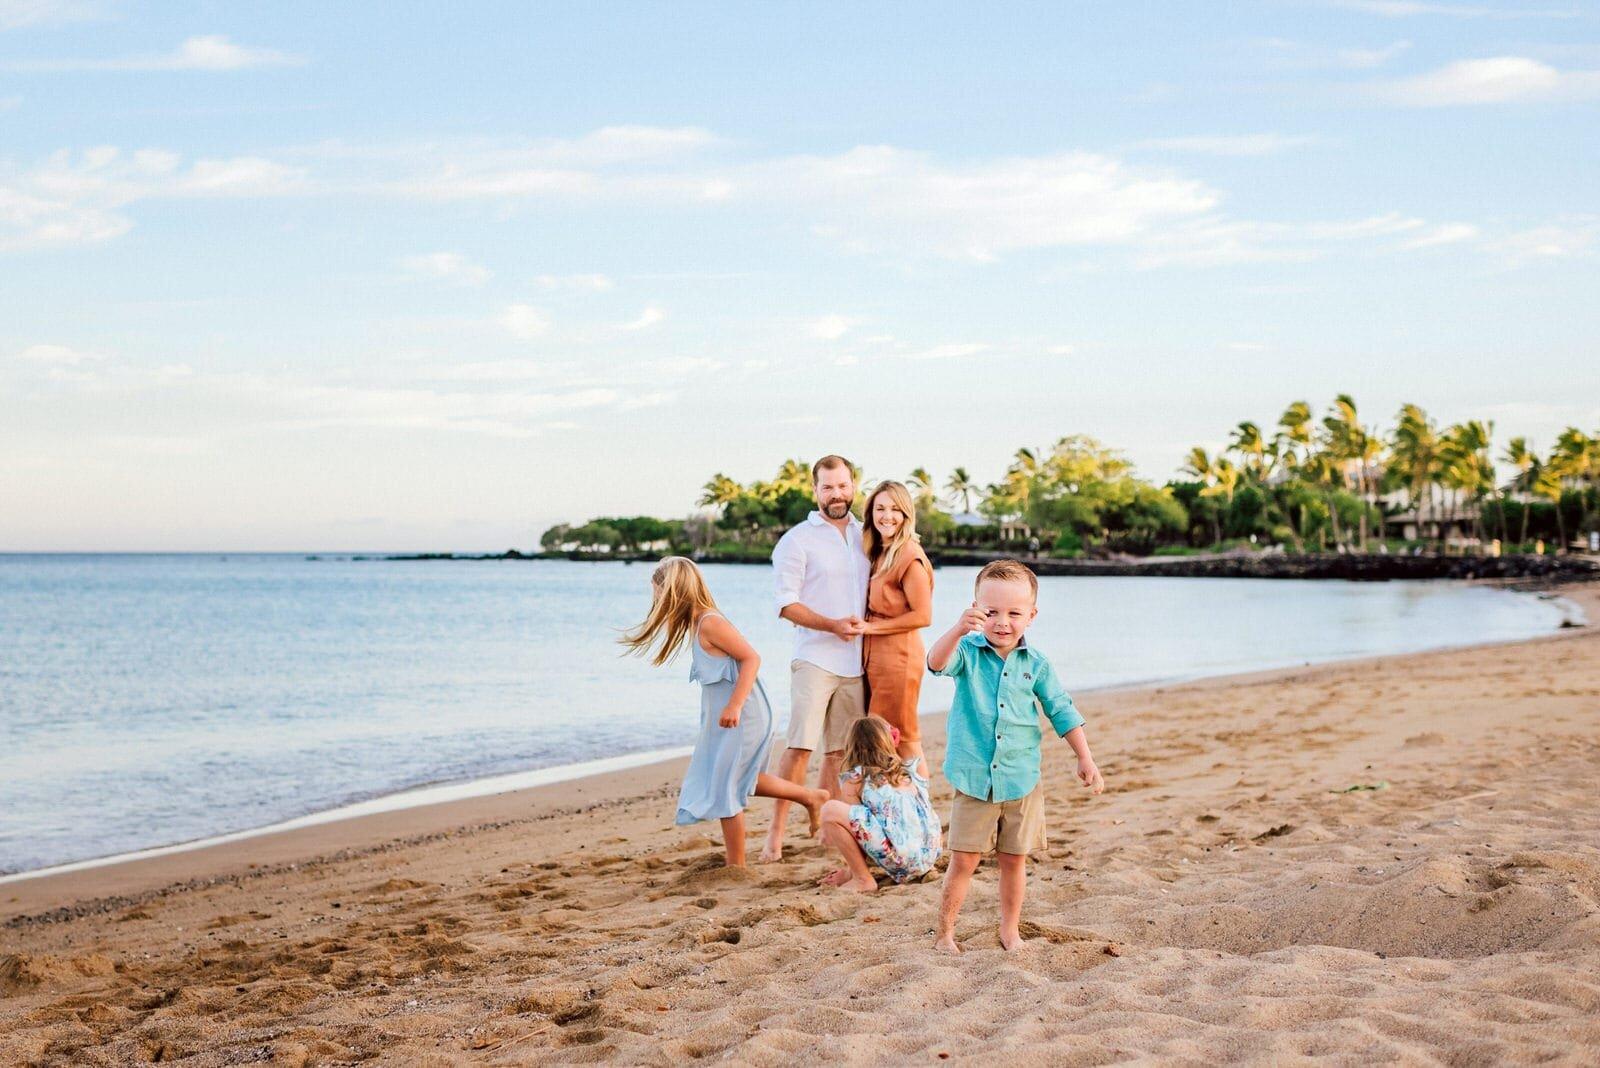 hawaii-family-photos-sunrise-7.jpg